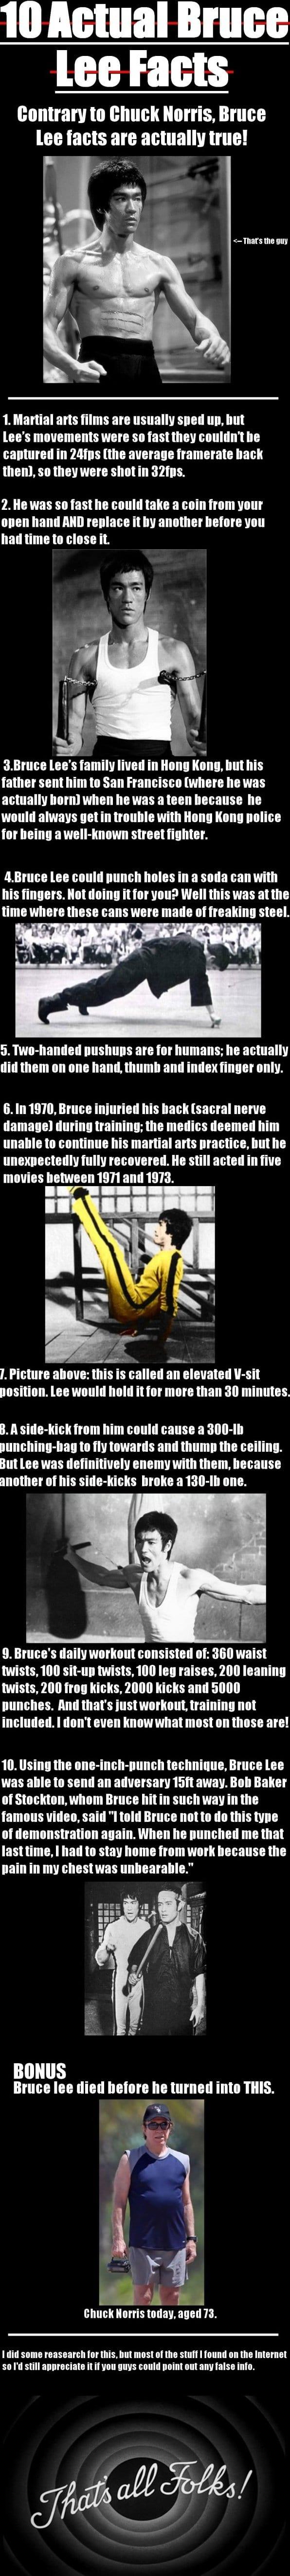 best-meme-10-actual-bruce-lee-facts